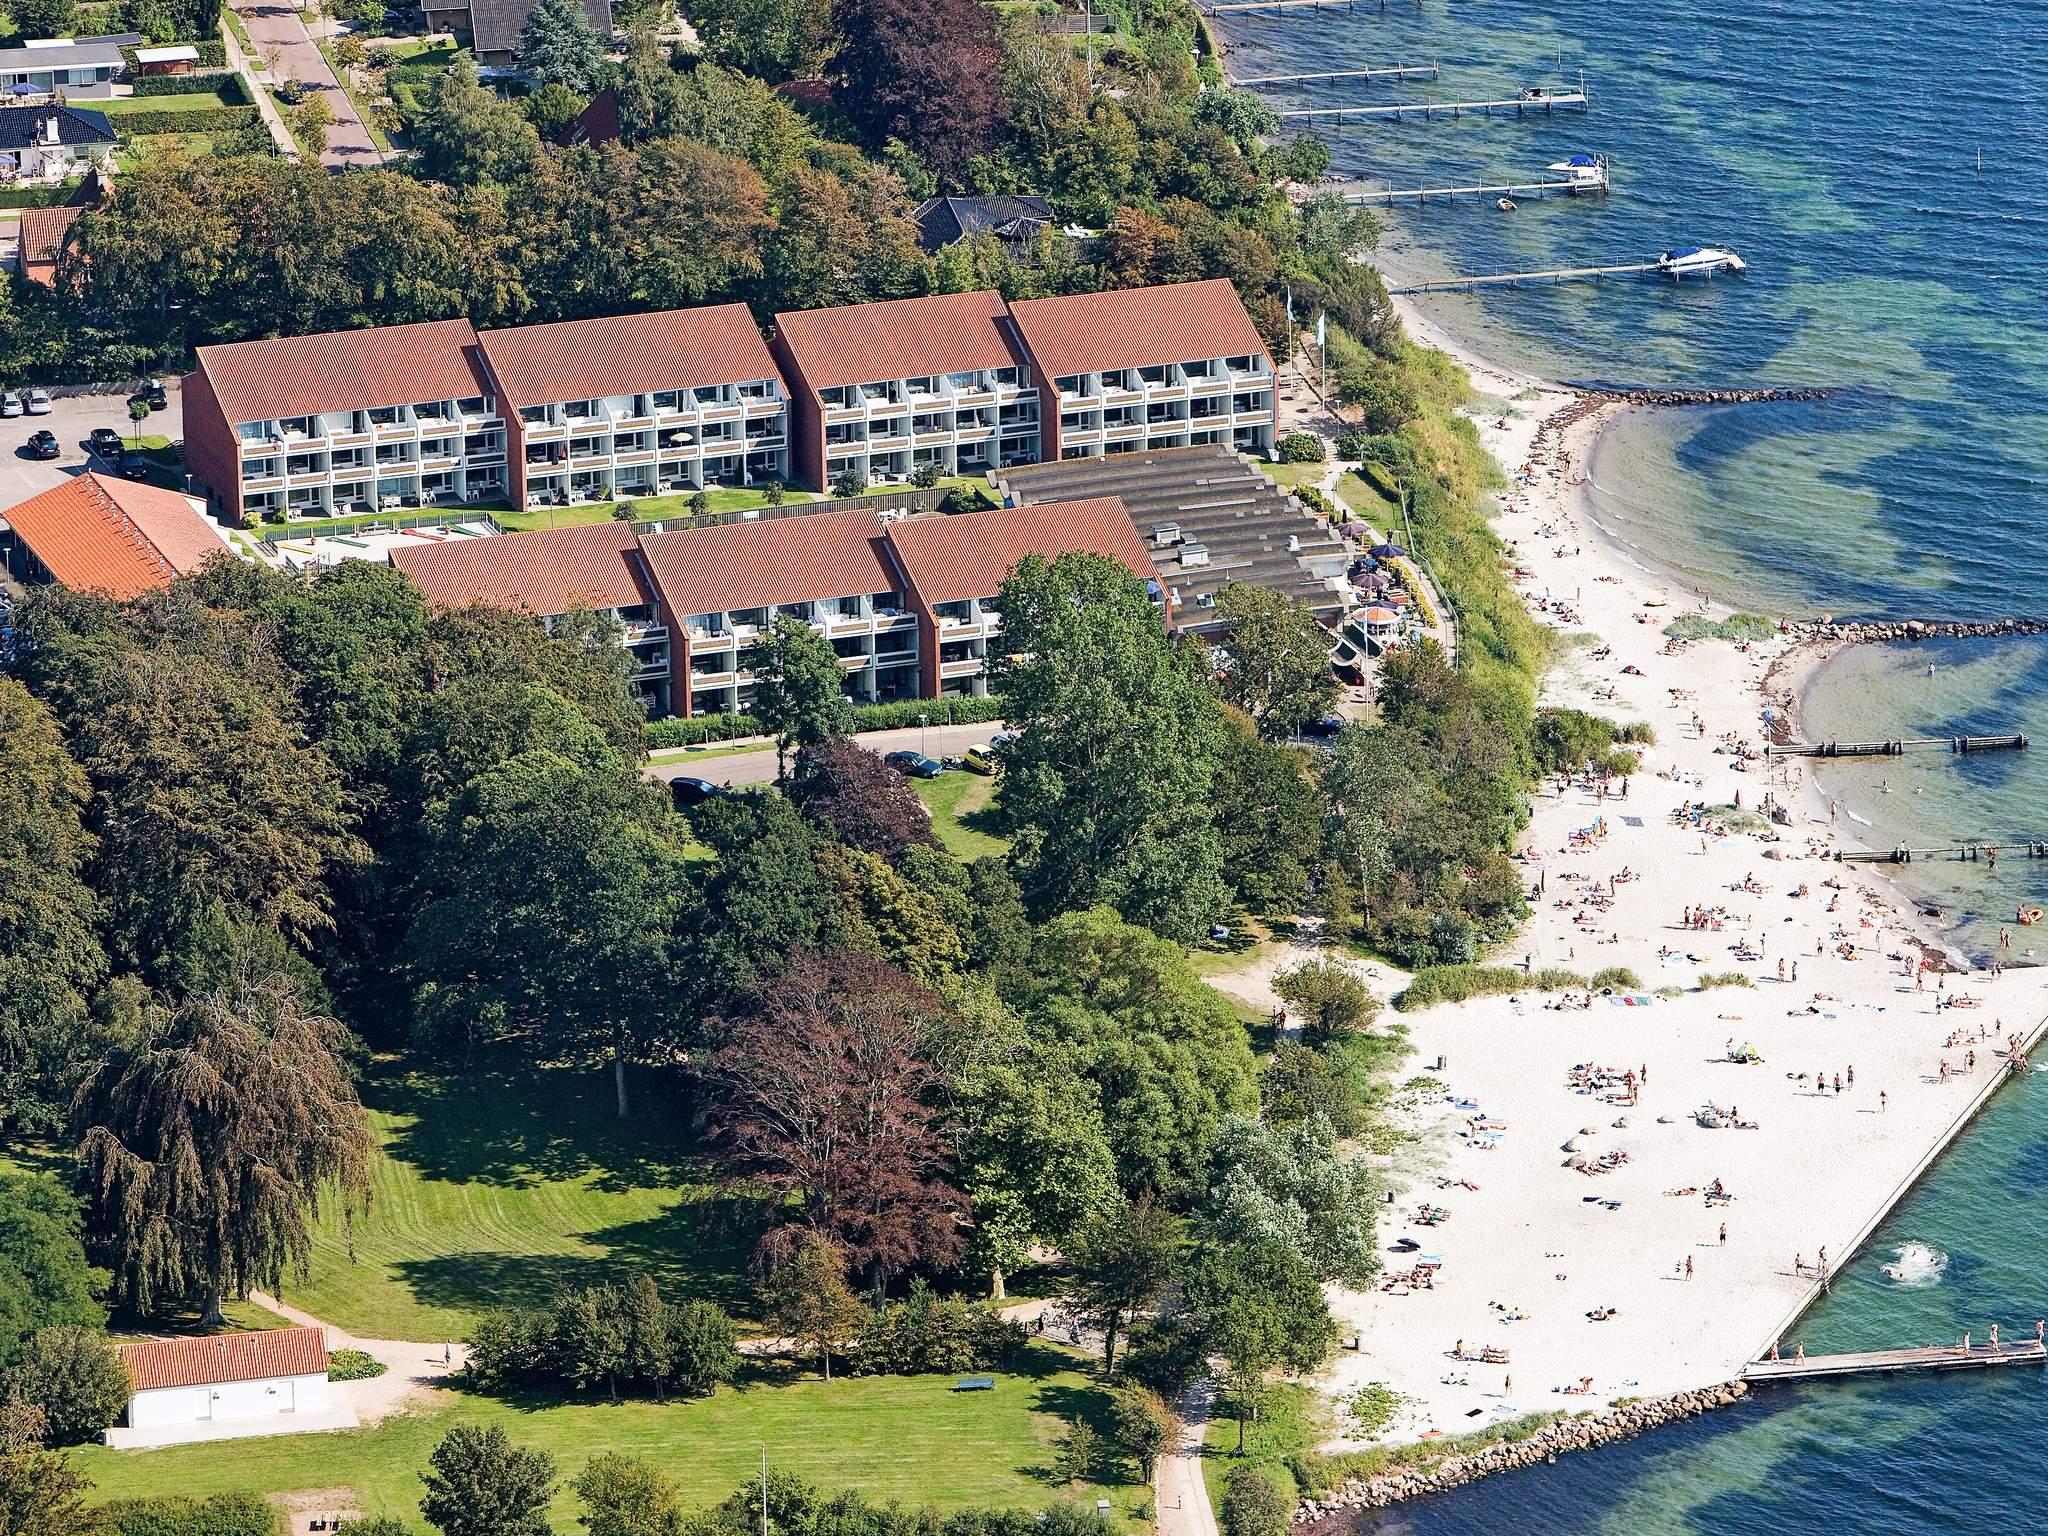 Appartement de vacances Fåborg - Typ 5 - 2 Zimmer,Erdg./1. Stock (1087166), Faaborg, , Fionie, Danemark, image 5